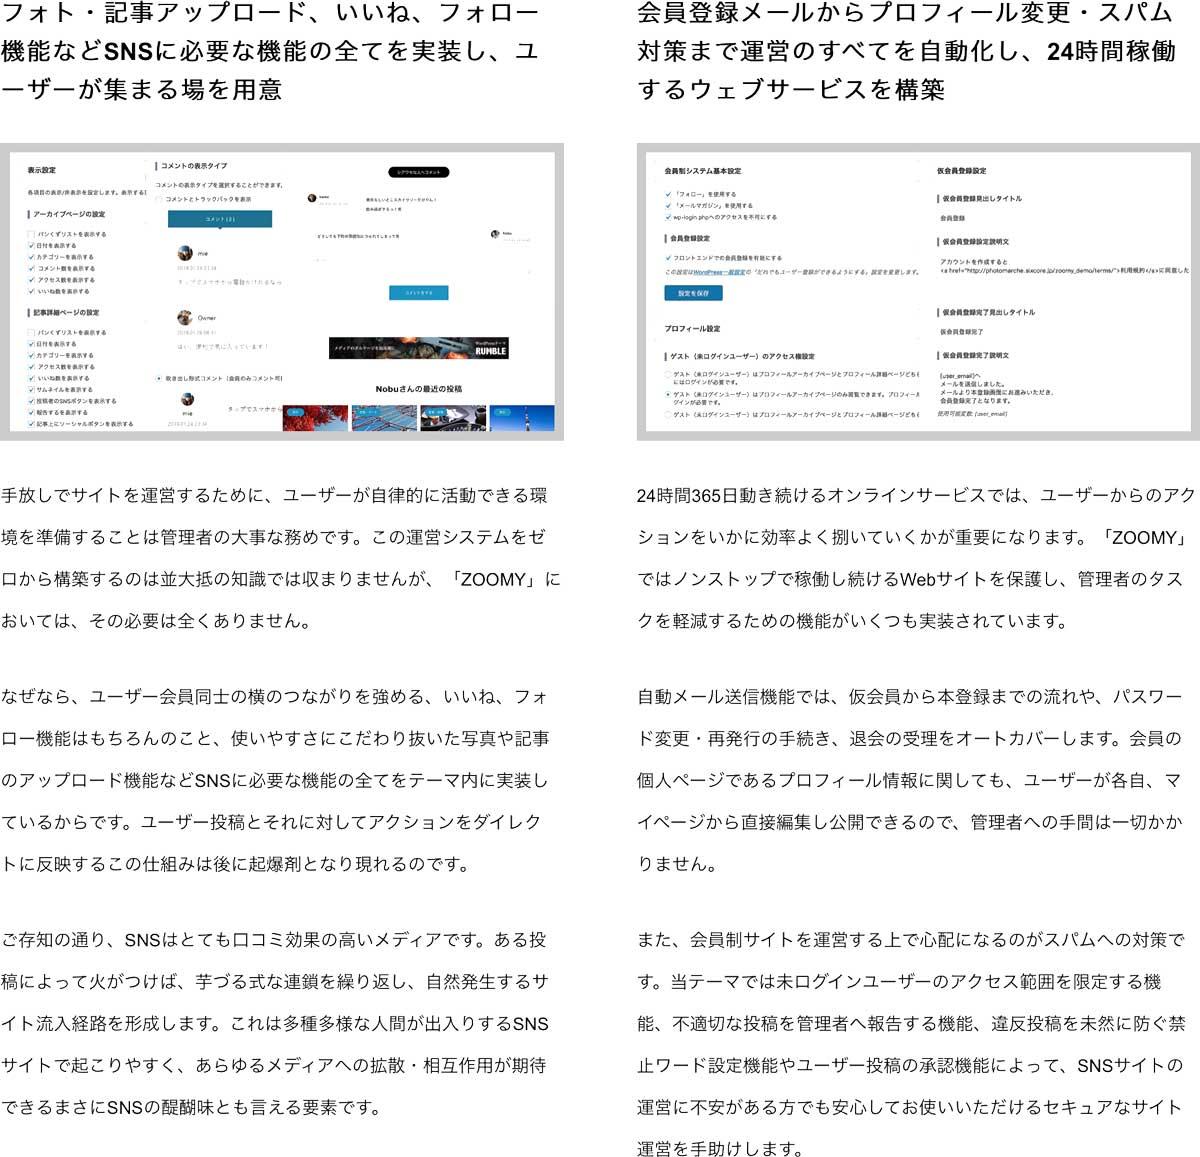 >会員登録・マイページ・メルマガ機能を実装したSNSを運営・管理できるWordPressテーマ「ZOOMY」 wordpress_free_themes_tcd067_03